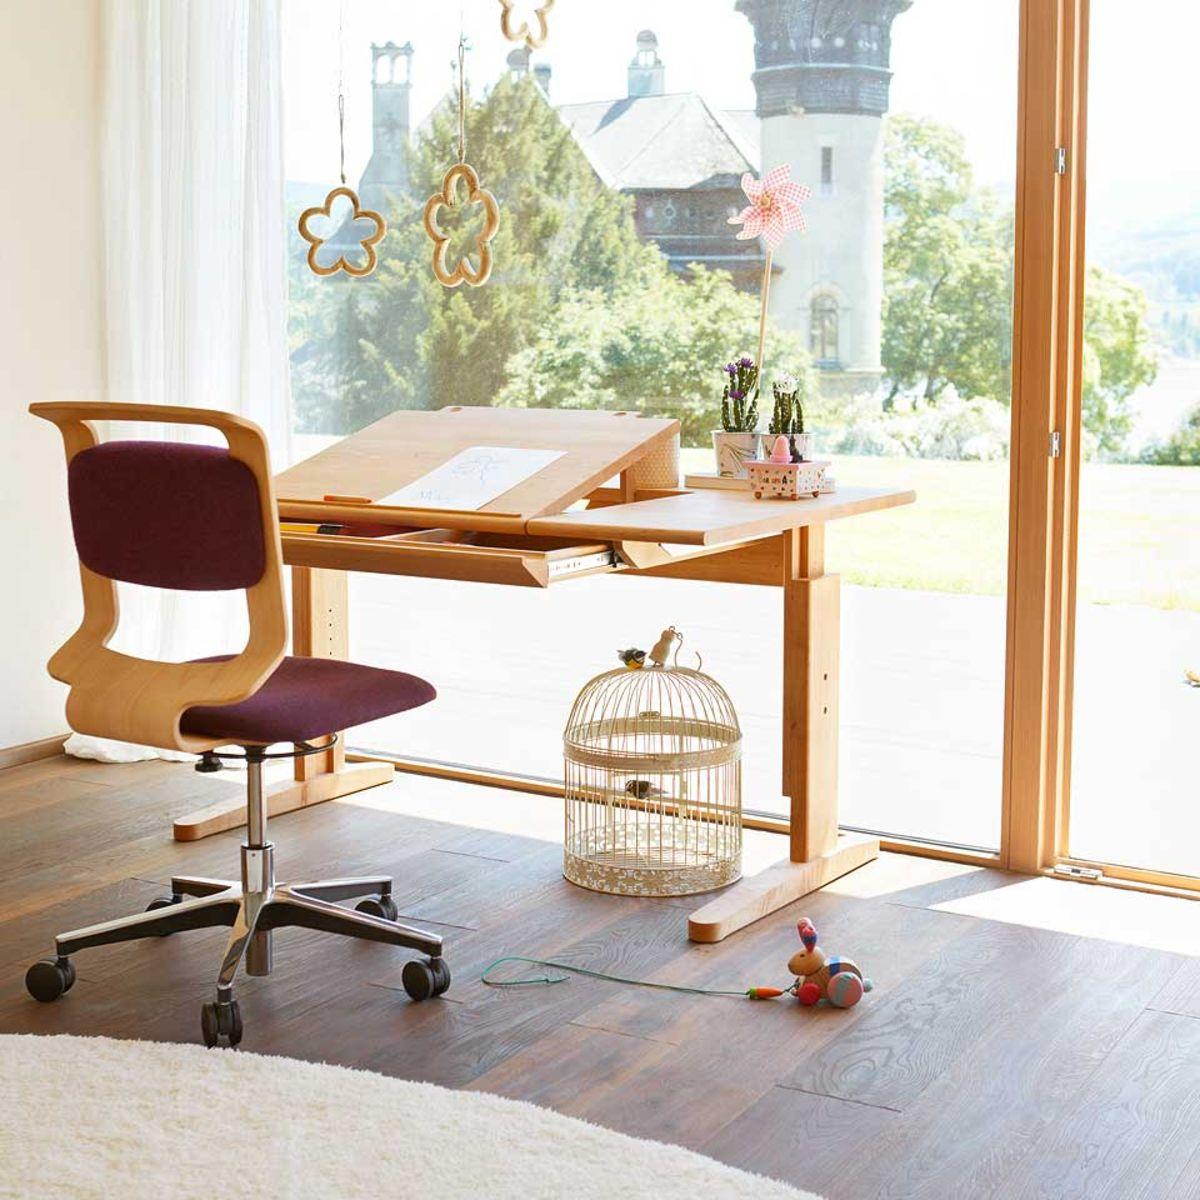 mobile Schreibtisch mit Drehstuhl von TEAM 7 Graz